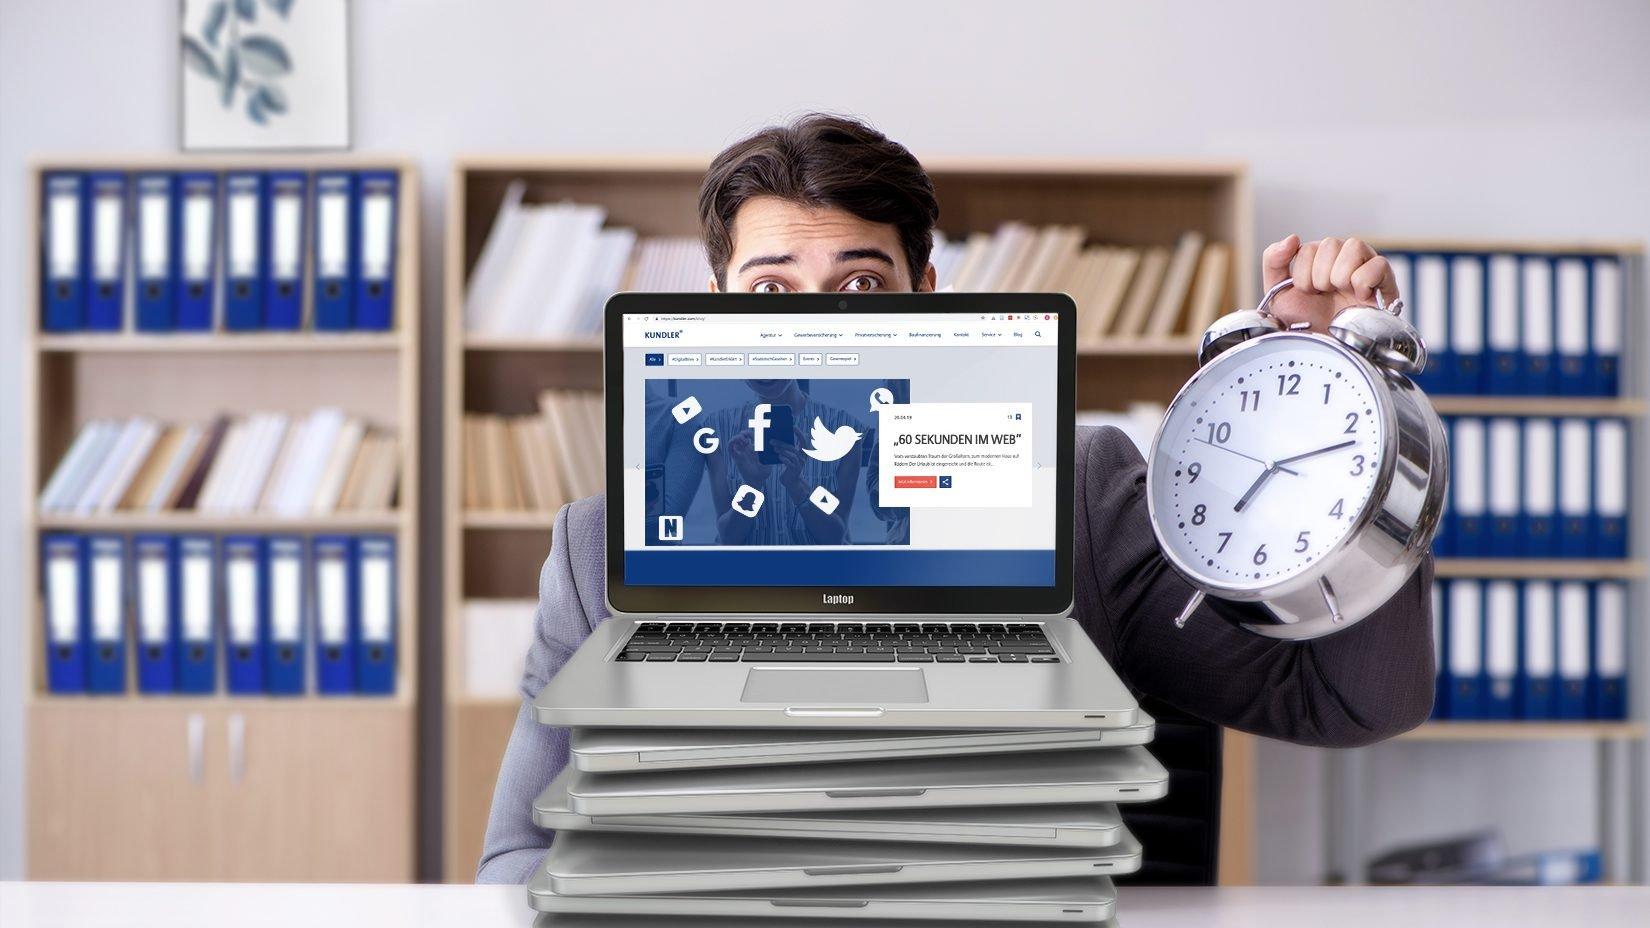 Allianz Kundler Erklärt - 60 Sekunden im Web. Von Newsletter bis hin zu Twitter. Hier findet digitales Marketing in 2019 statt. #KundlerErklärt